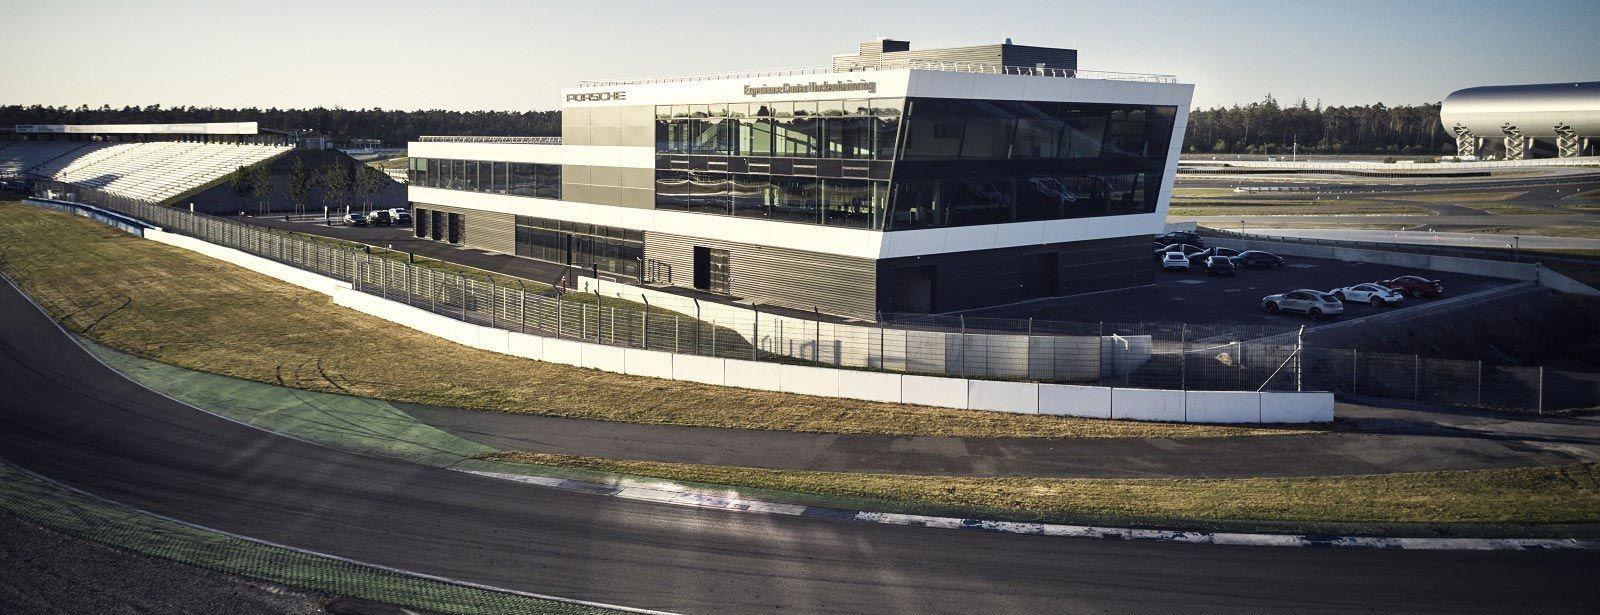 Porsche Experience Center_Copyright Porsche Deutschland GmbH.php